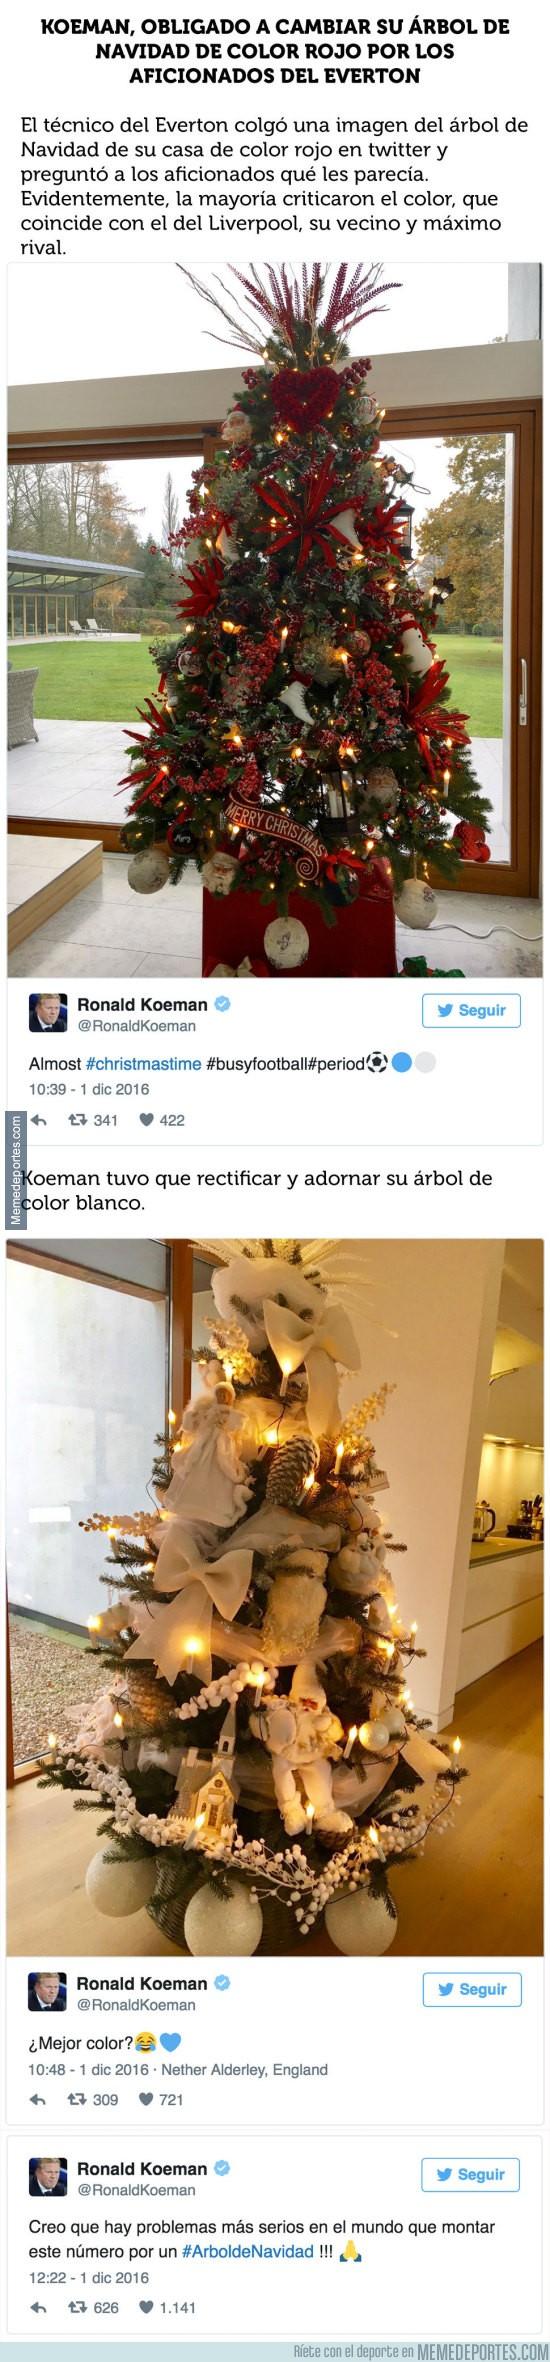 928968 - Los fans del Everton le hacen tirar a la basura a Koeman su árbol de Navidad